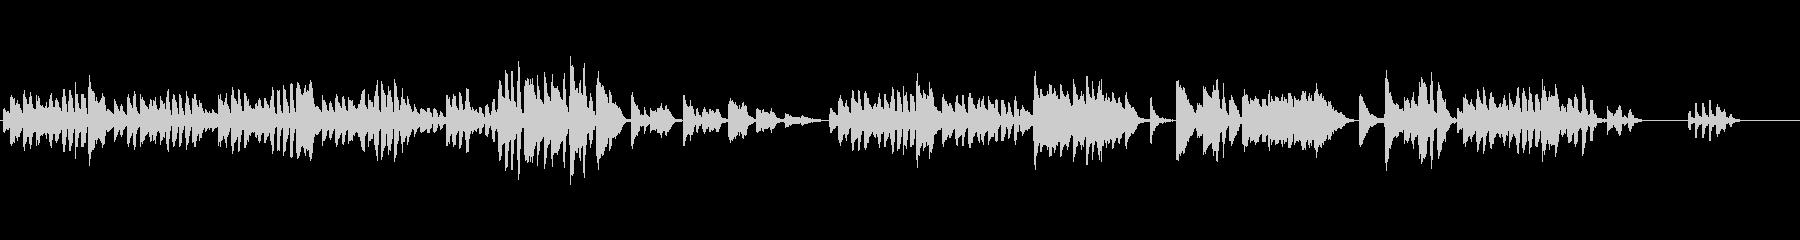 ちょっと怖いクラシックピアノの未再生の波形